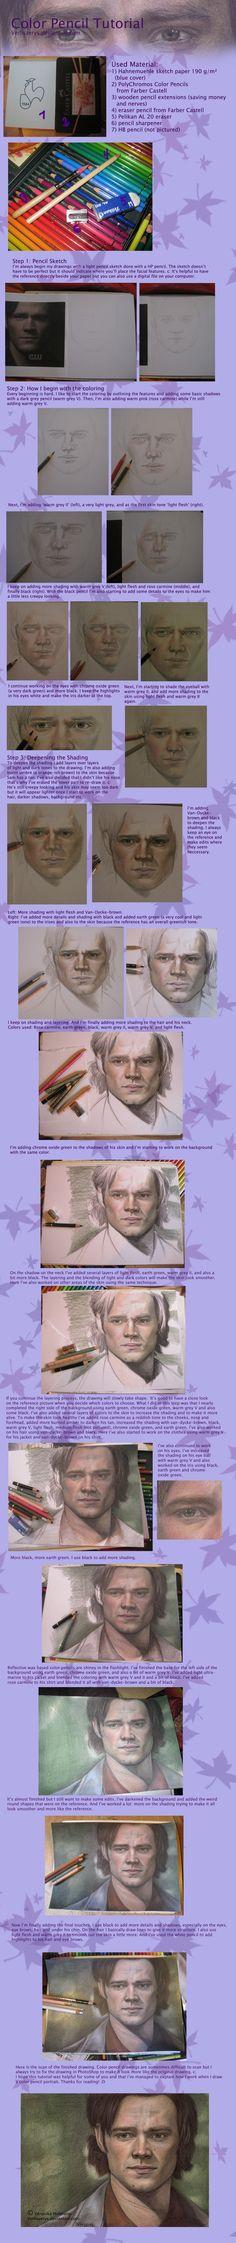 http://fc02.deviantart.net/fs70/f/2012/313/2/4/color_pencil_tutorial_by_verlisaerys-d5kh03n.jpg